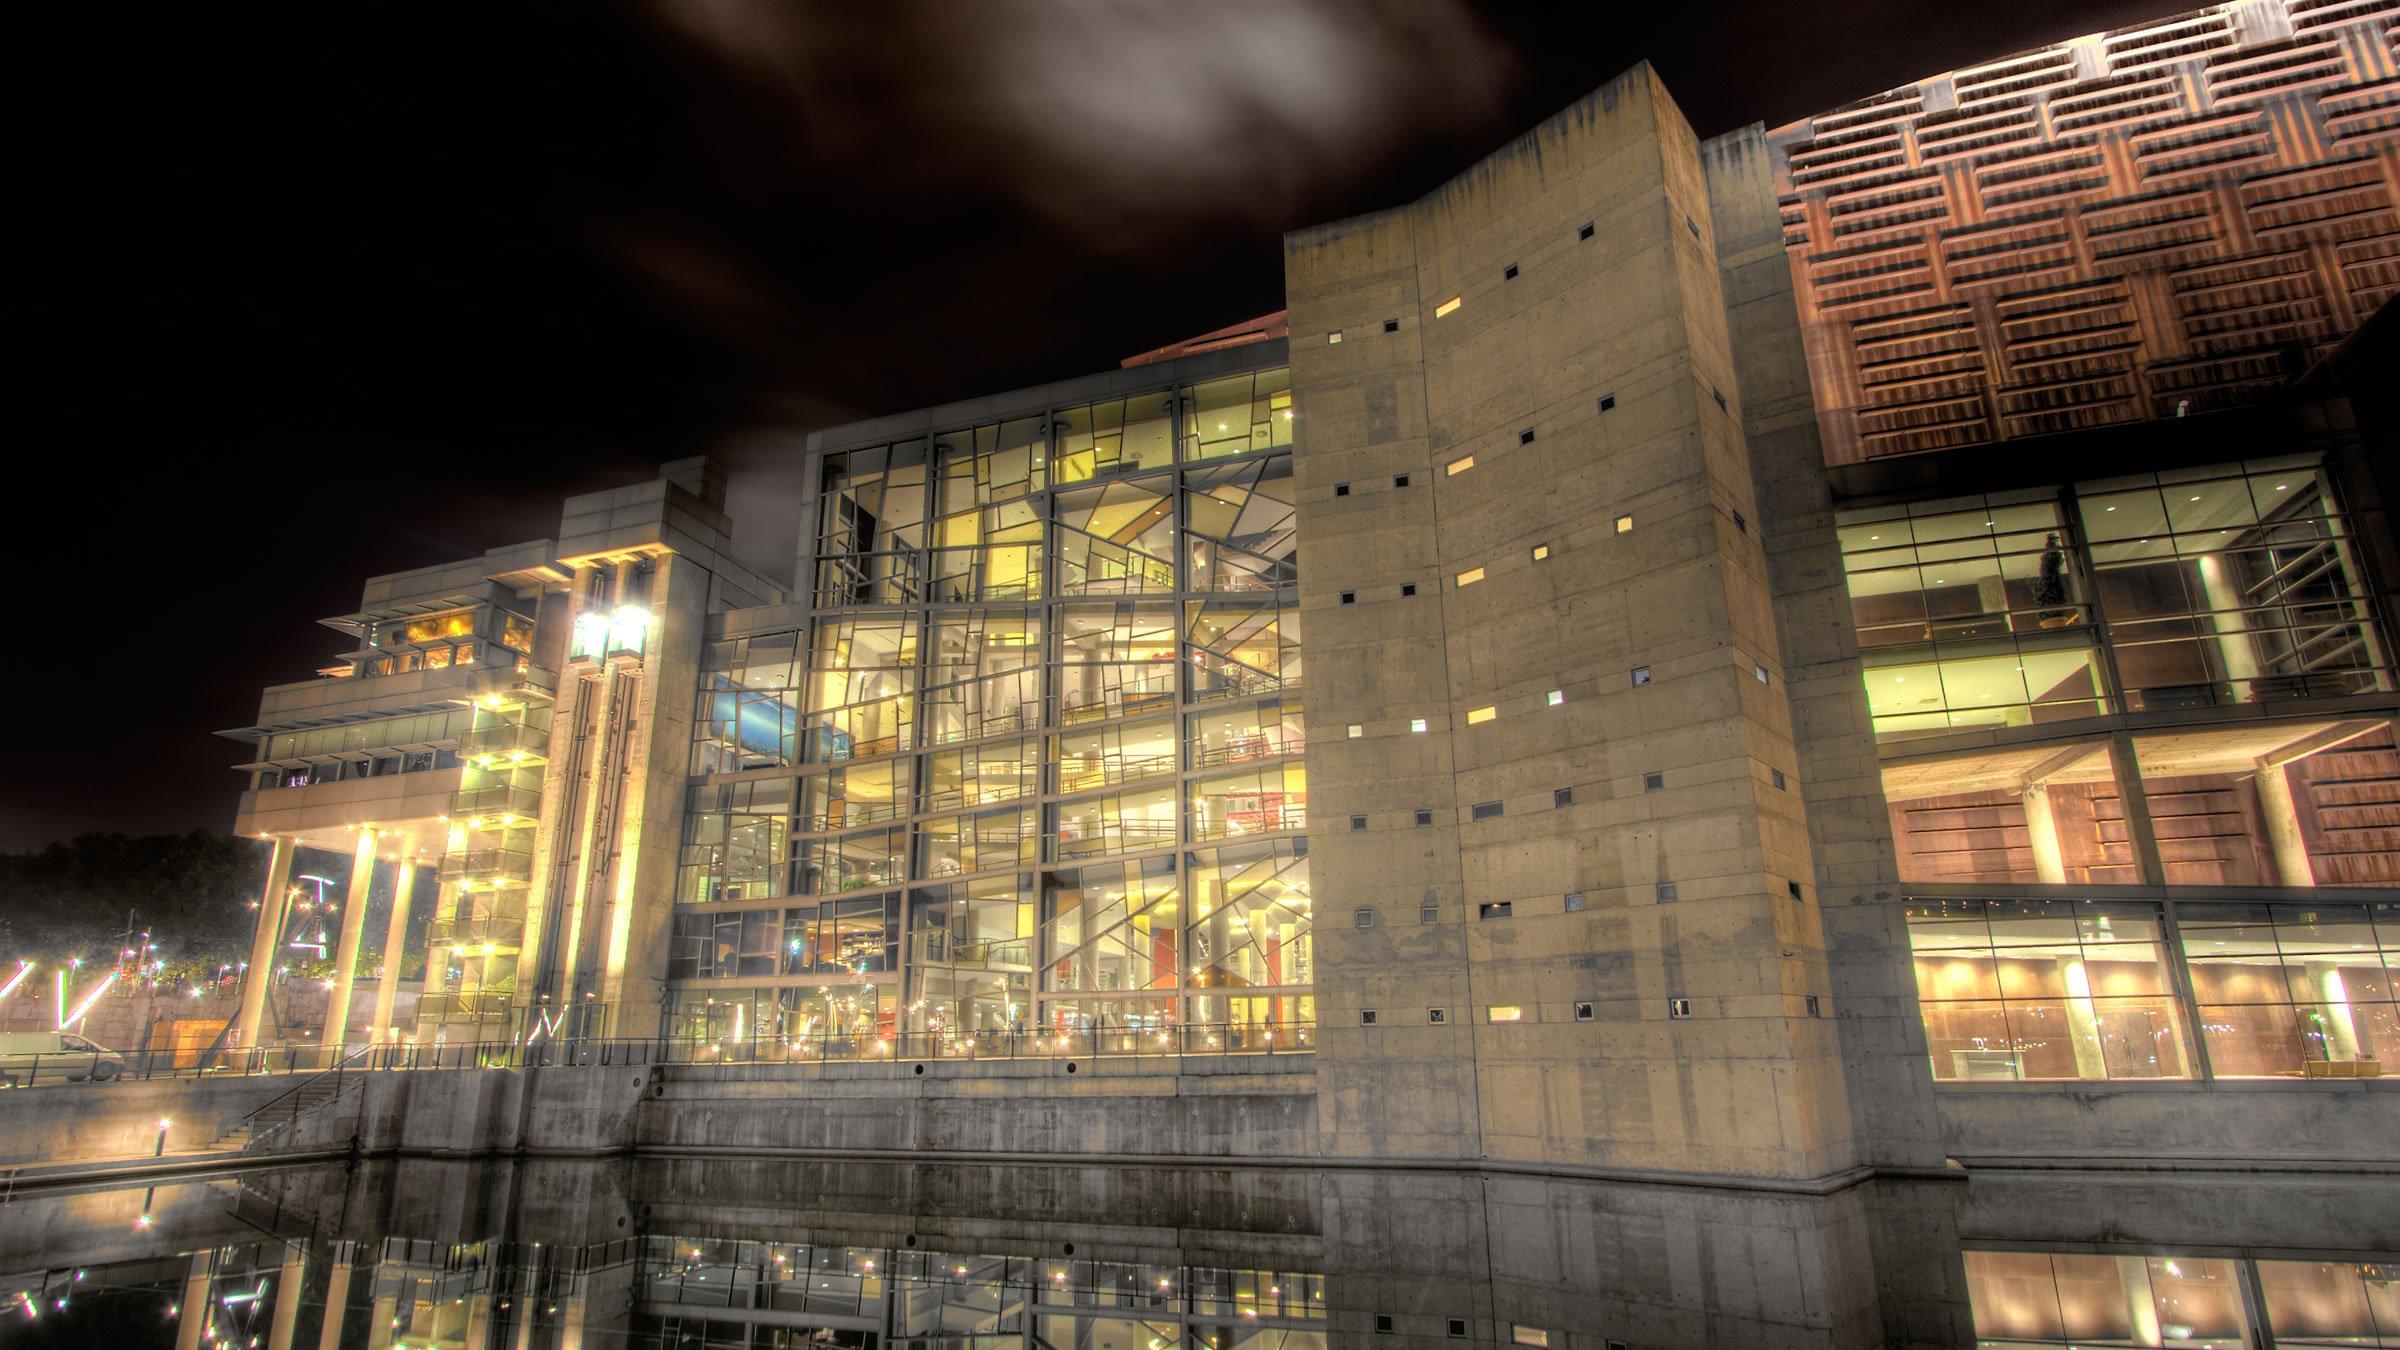 Palacio Euskalduna de noche, Bilbao, Vizcaya, España